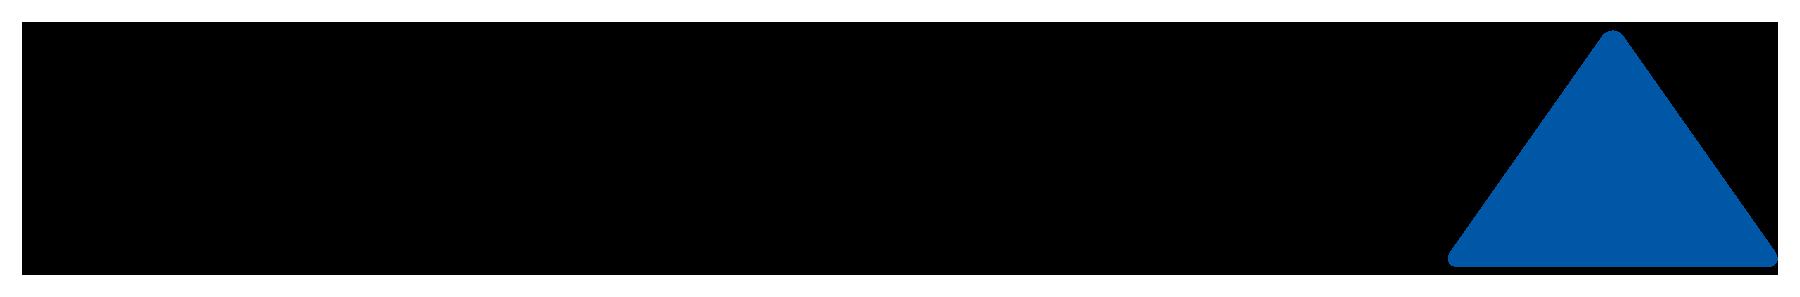 REGO-FIX Switzerland Logo